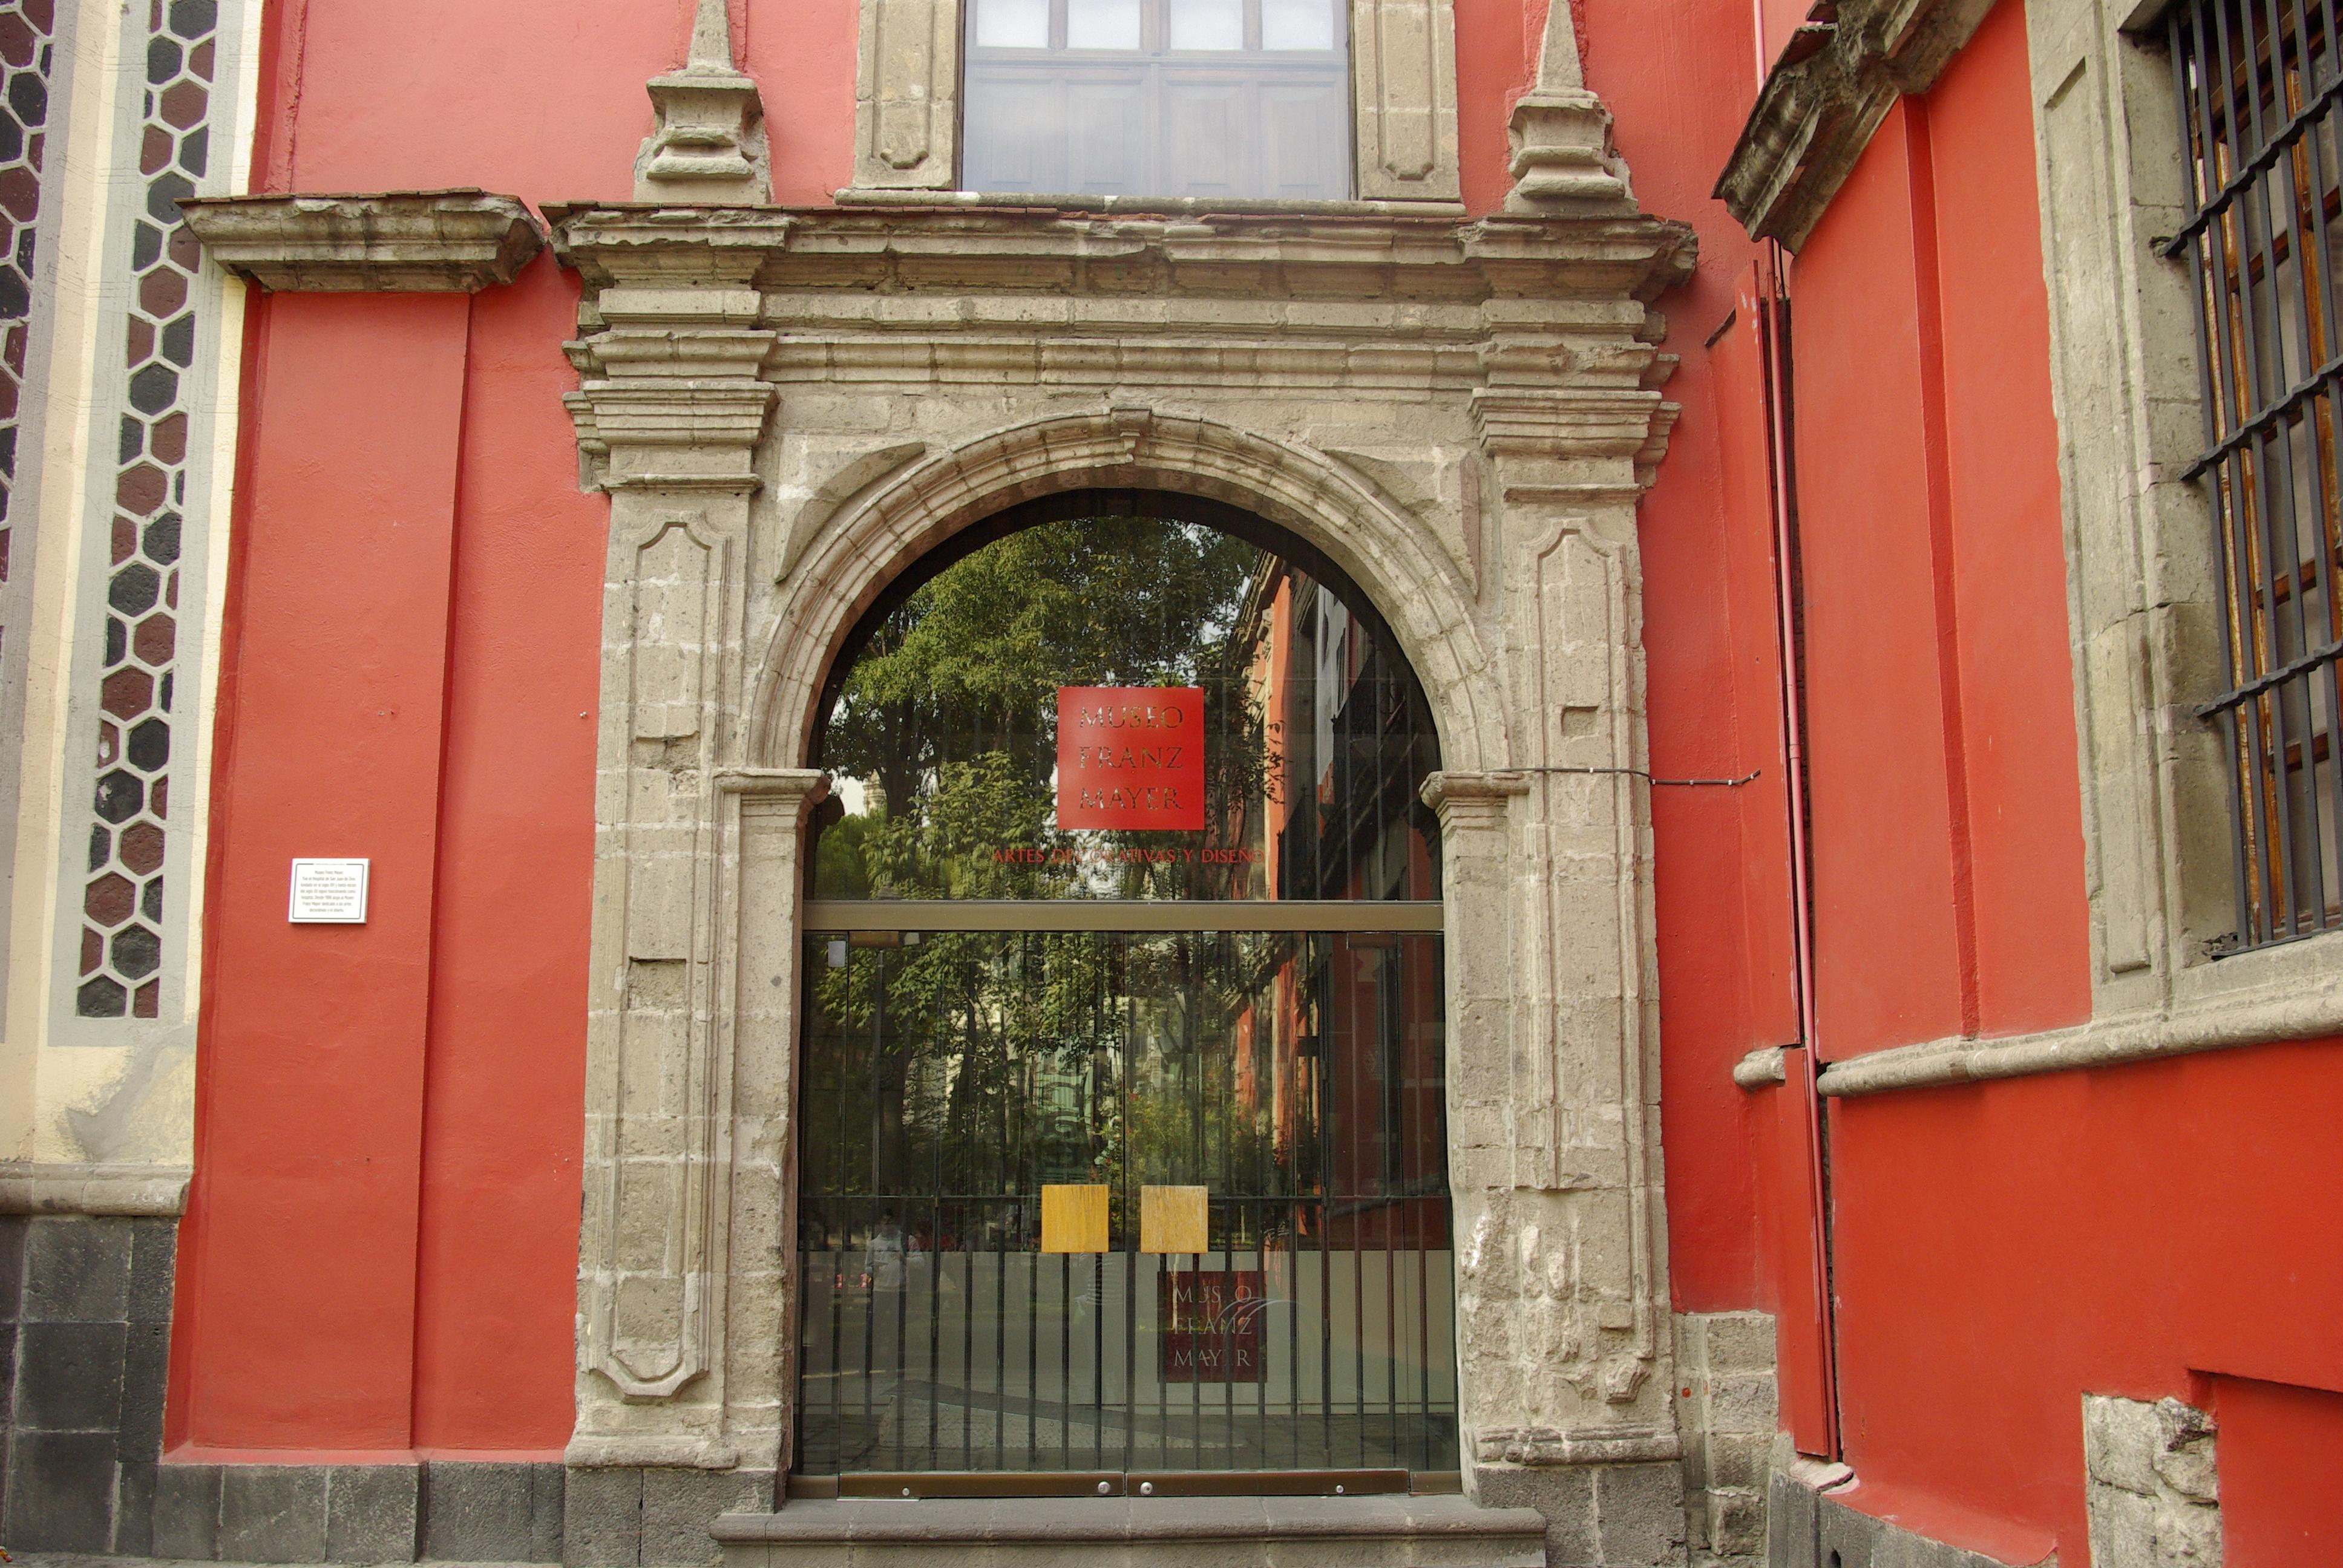 Los Museos en CdMx 12, guía rápida de visita.